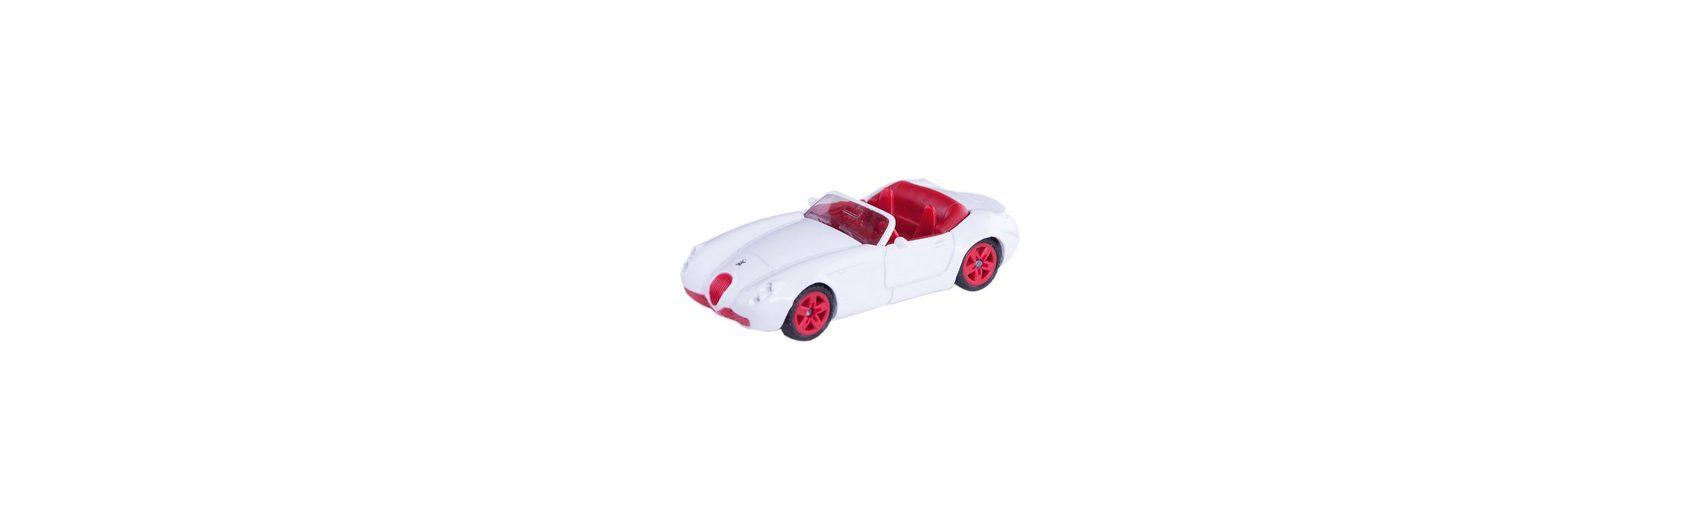 SIKU 1320 Wiesmann Roadster MF5